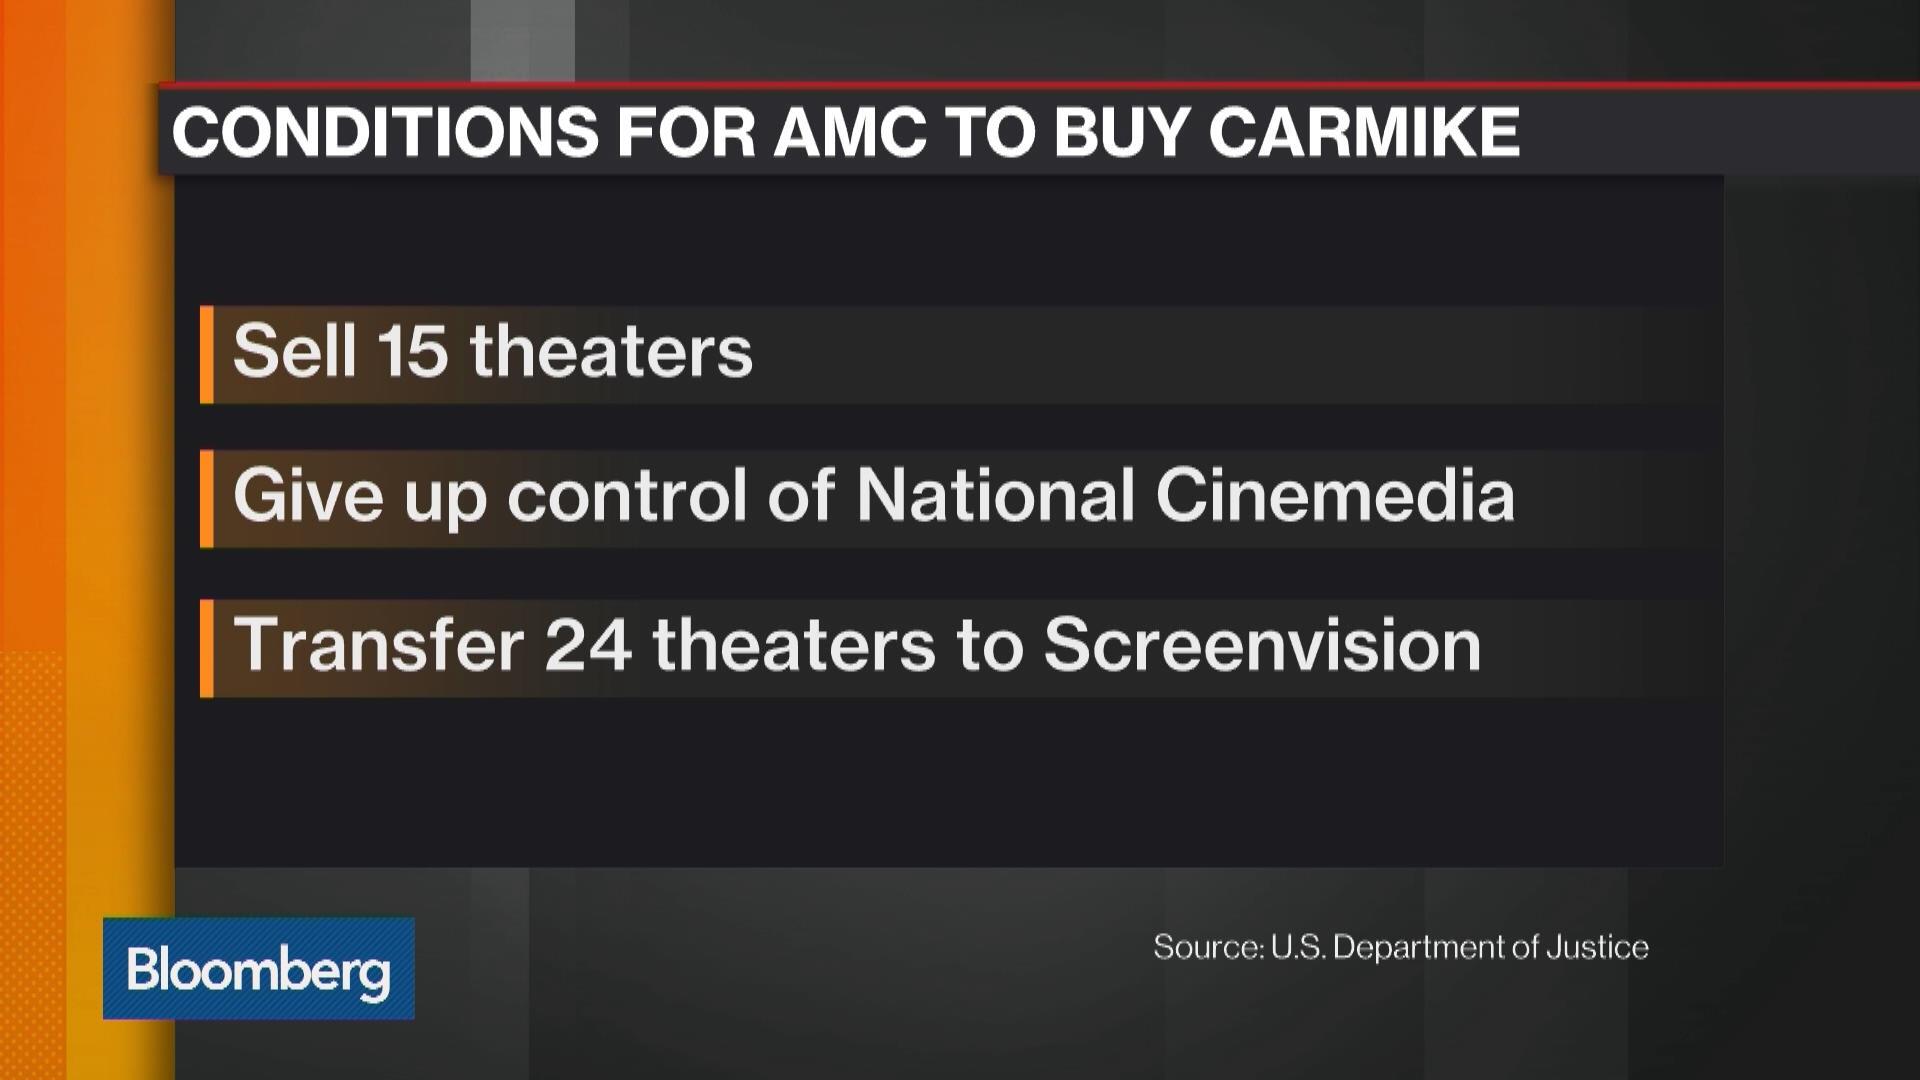 Amcnew York Stock Quote Amc Entertainment Holdings Inc